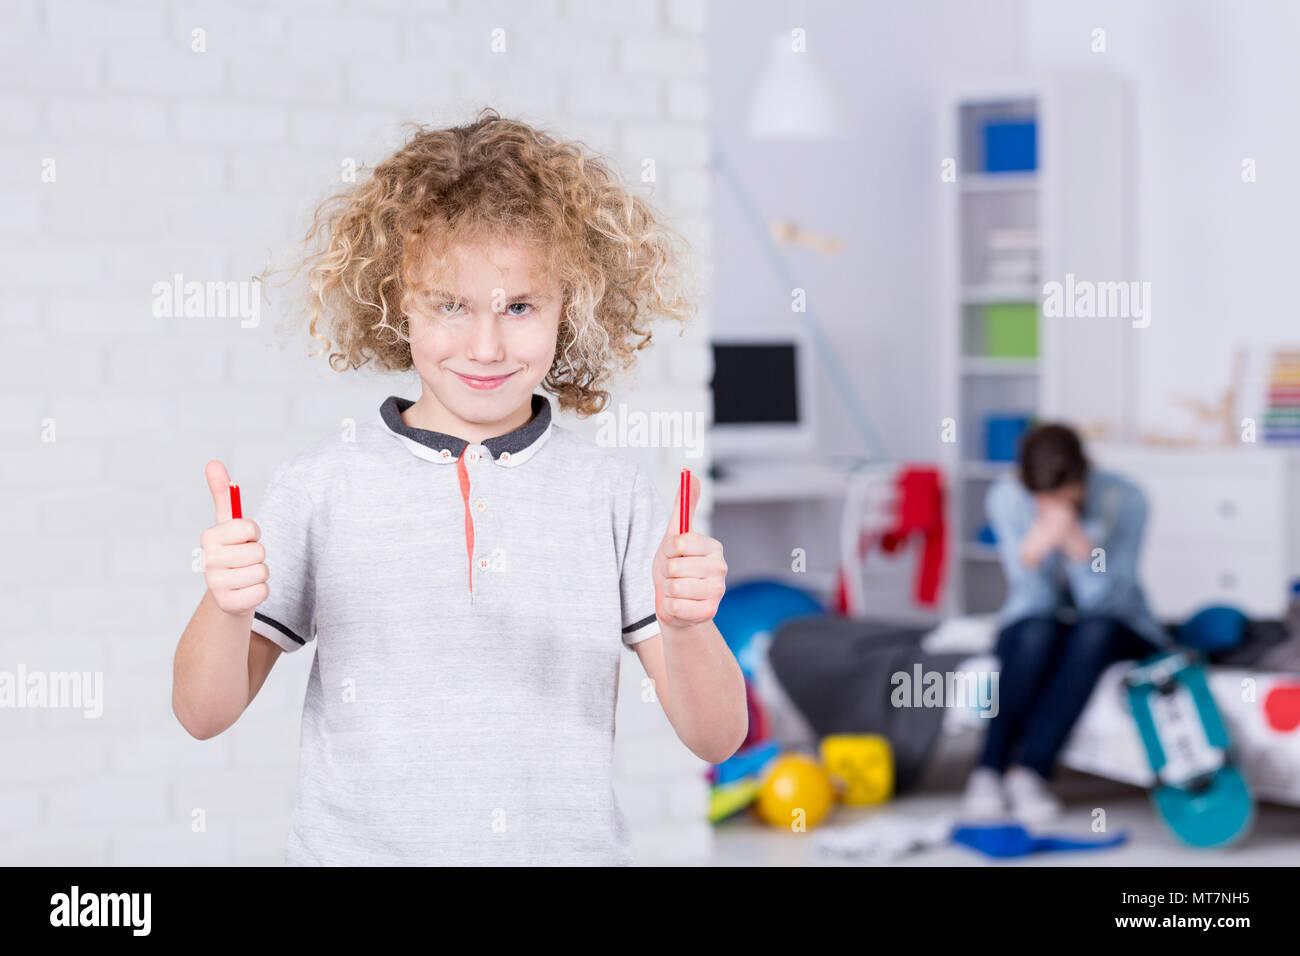 Mean school boy holding pieces of broken pencil - Stock Image